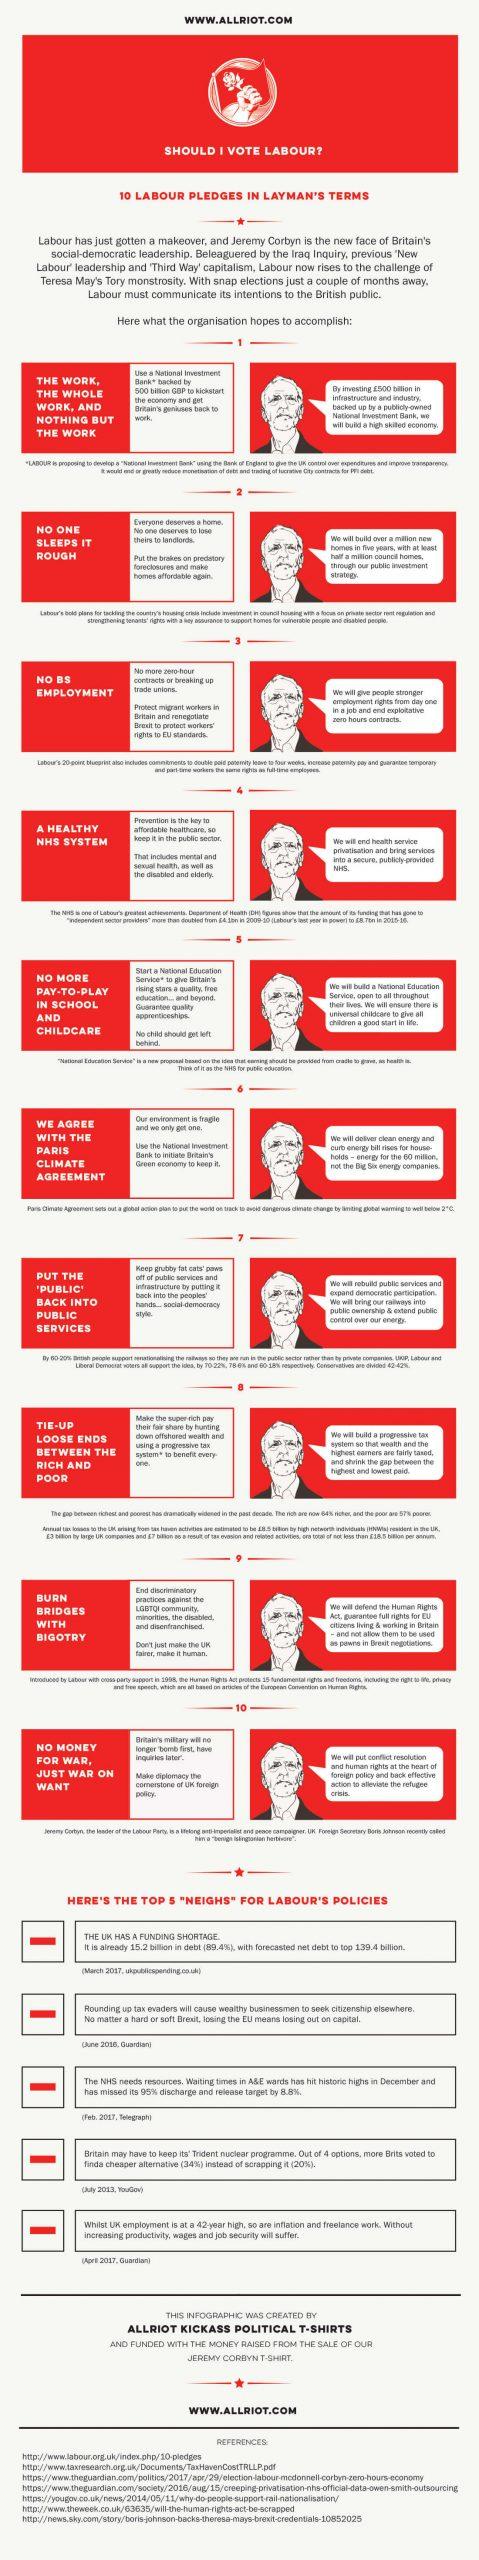 labour-party-pledges-2017-infographic-allriot-1